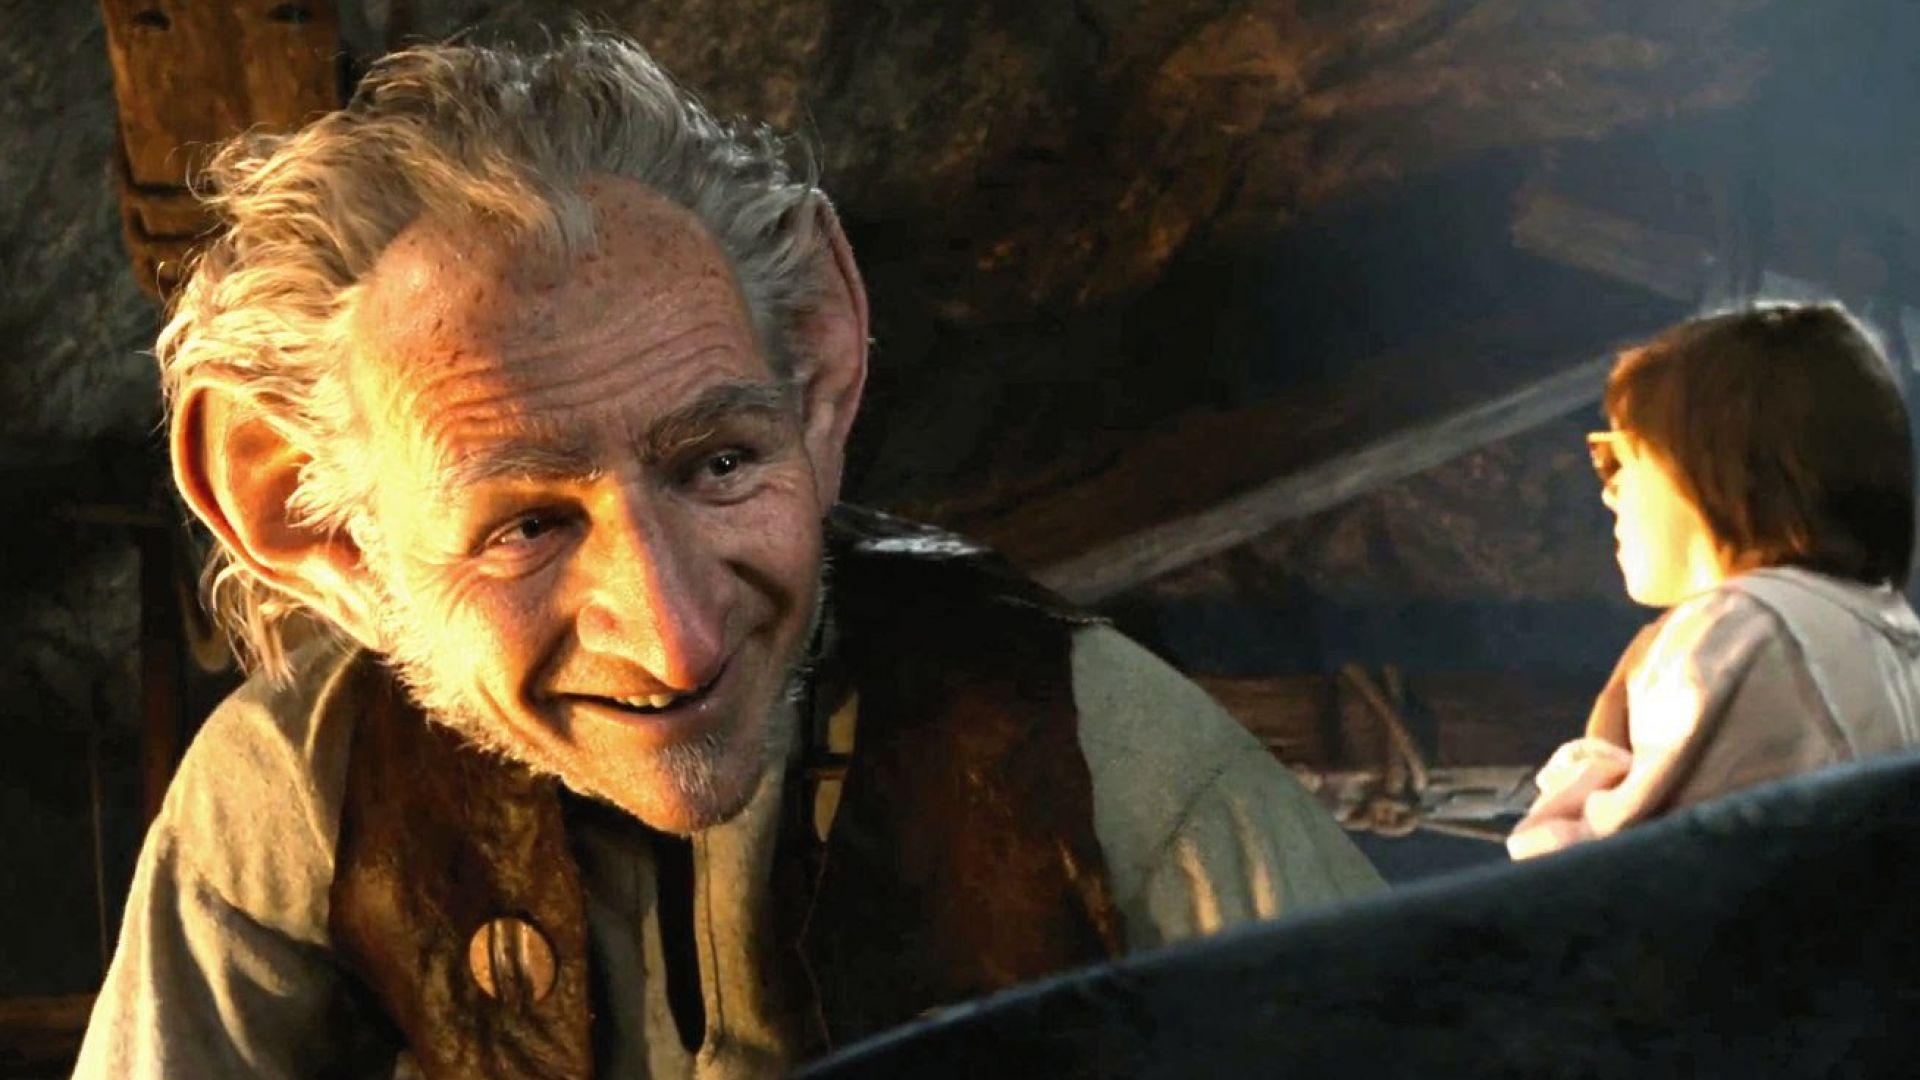 Third trailer for Steven Spielberg's 'The BFG'